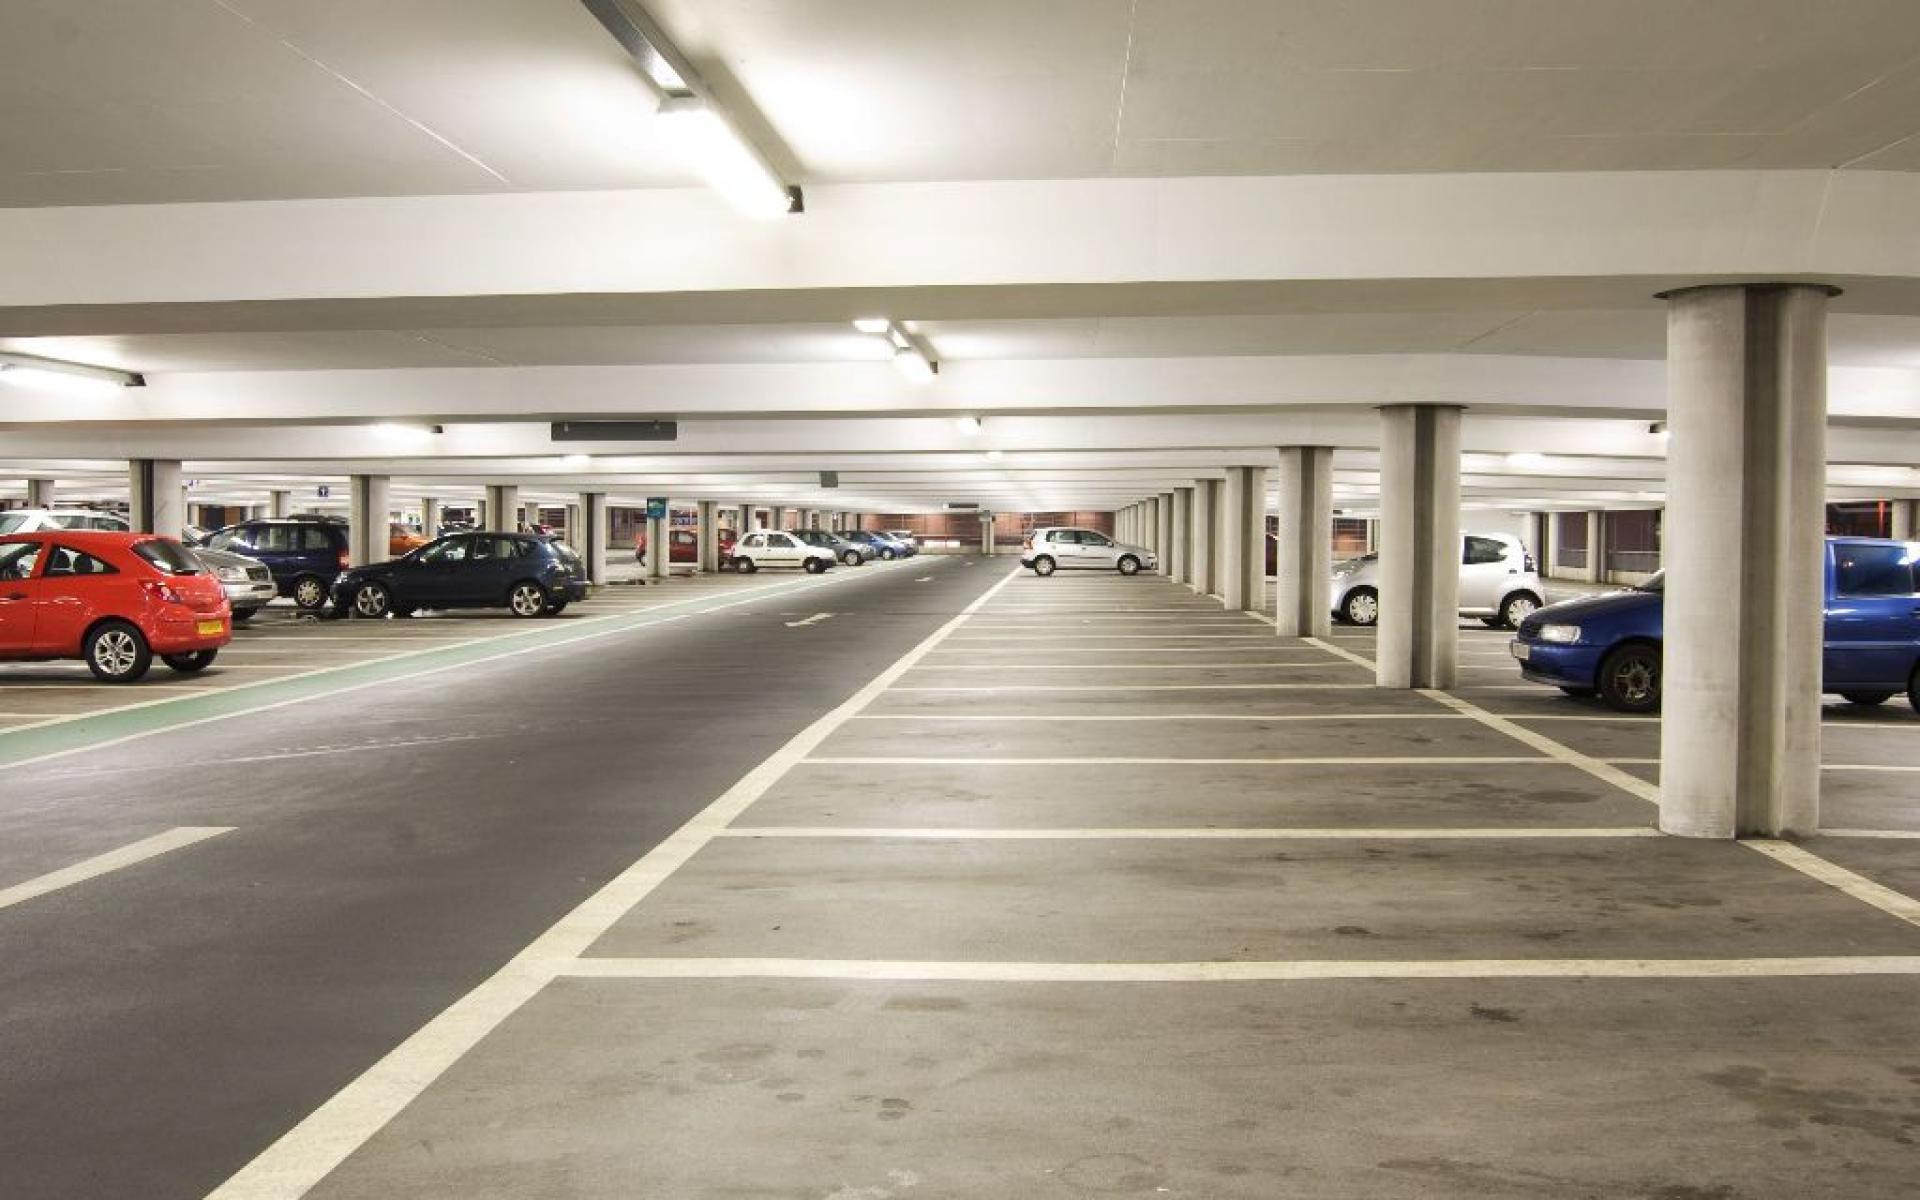 imagesparking-62.jpg